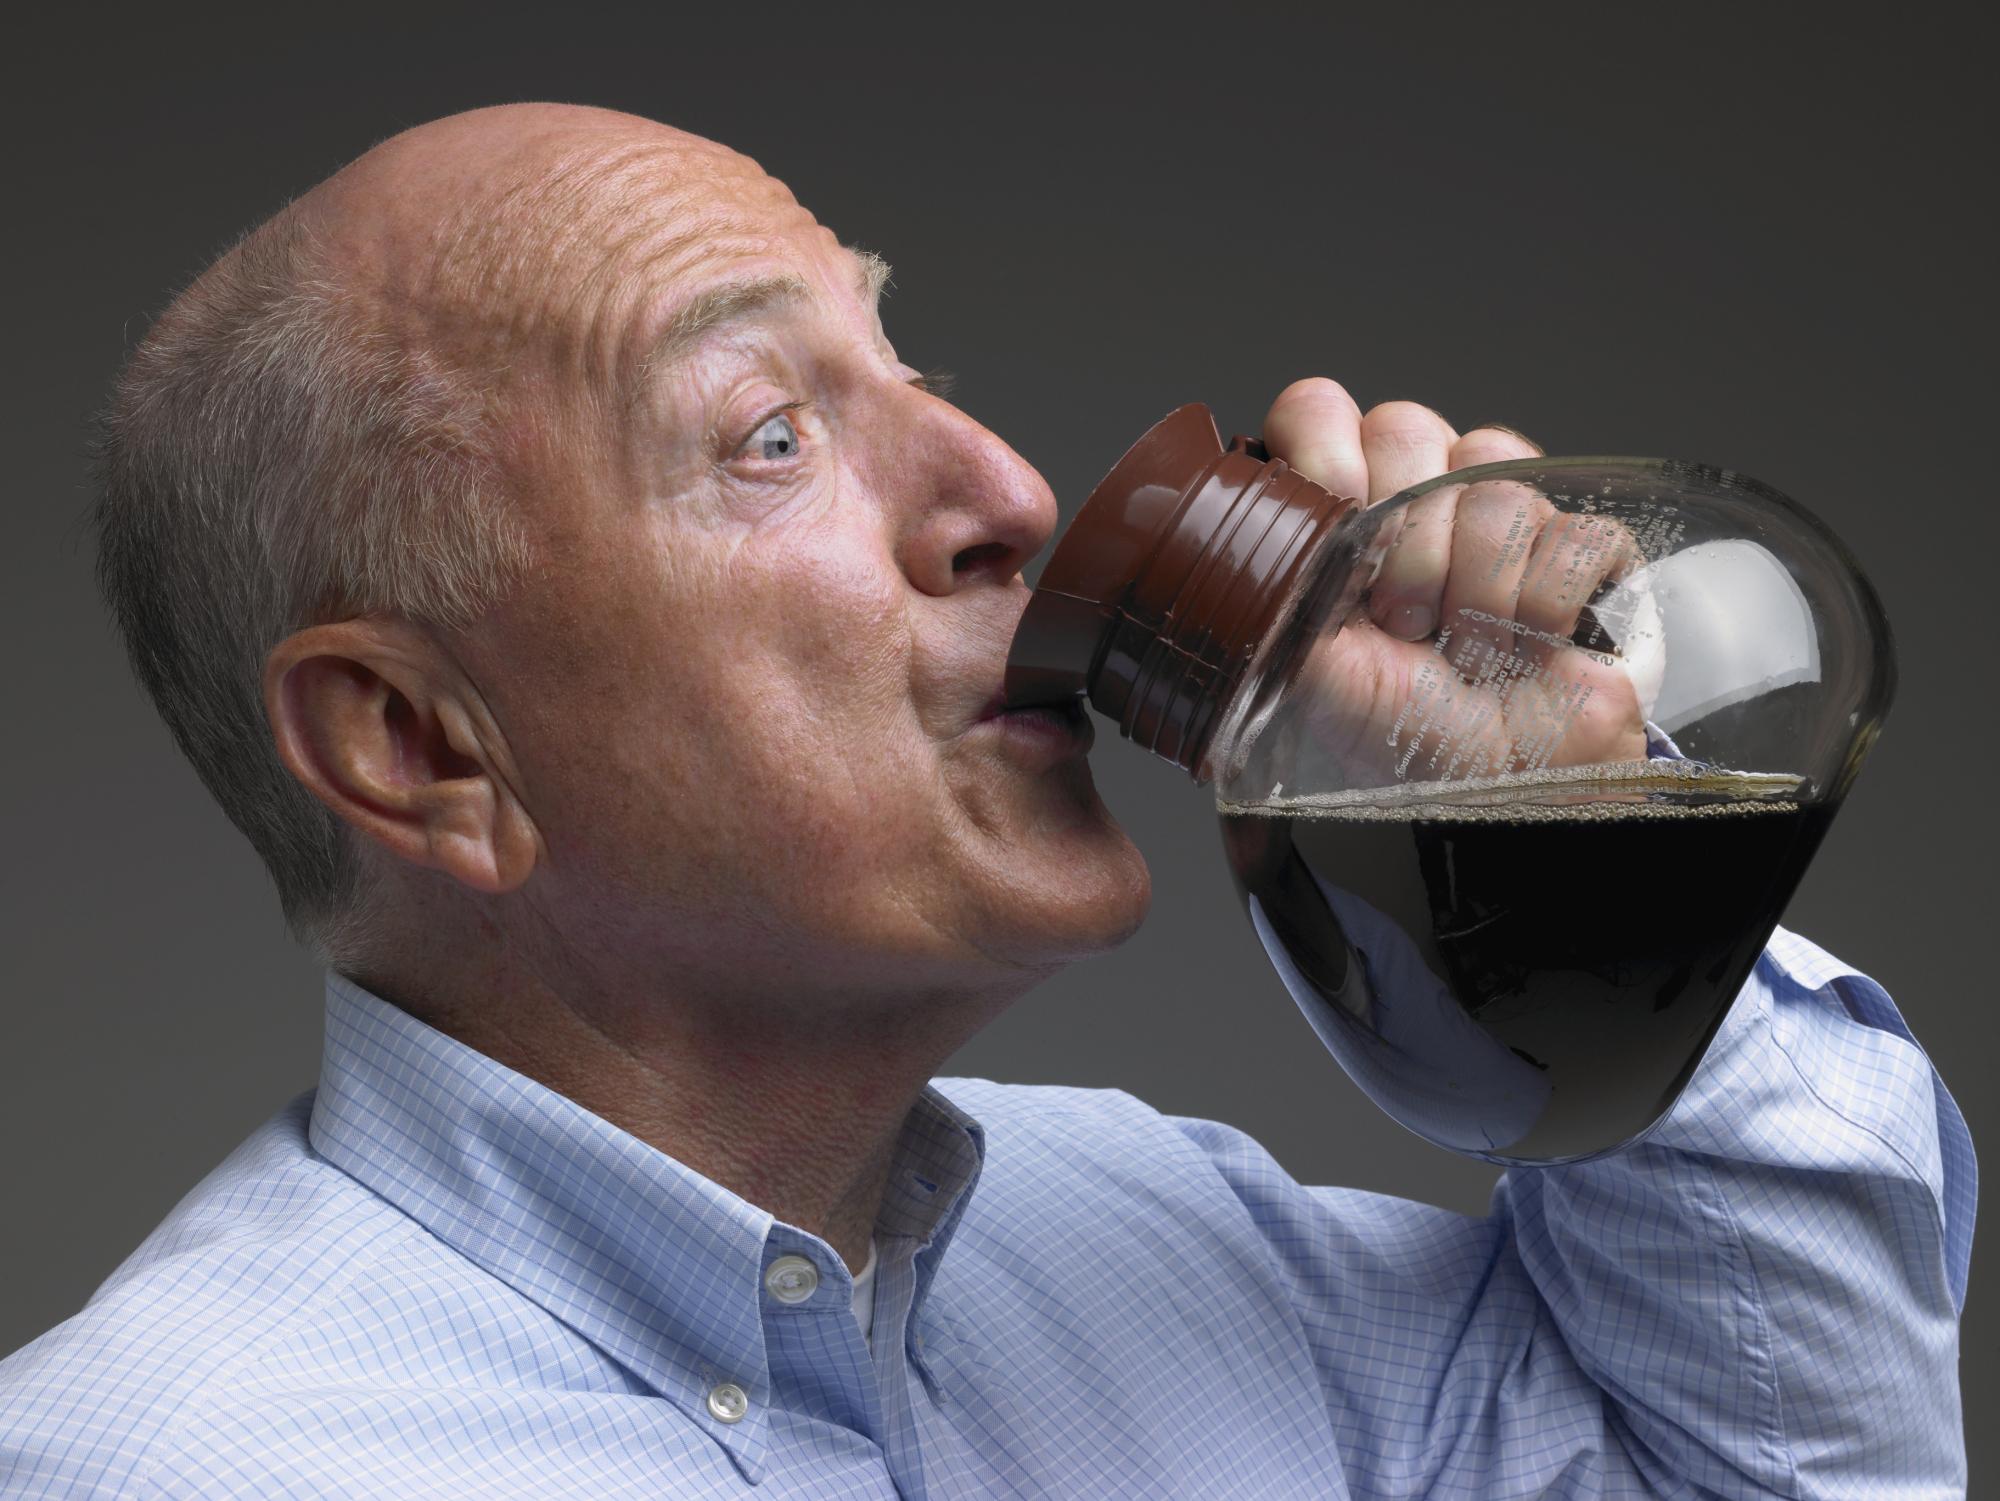 Можно ли пить растворимый цикорий при панкреатите и холецистите? Польза или вред?